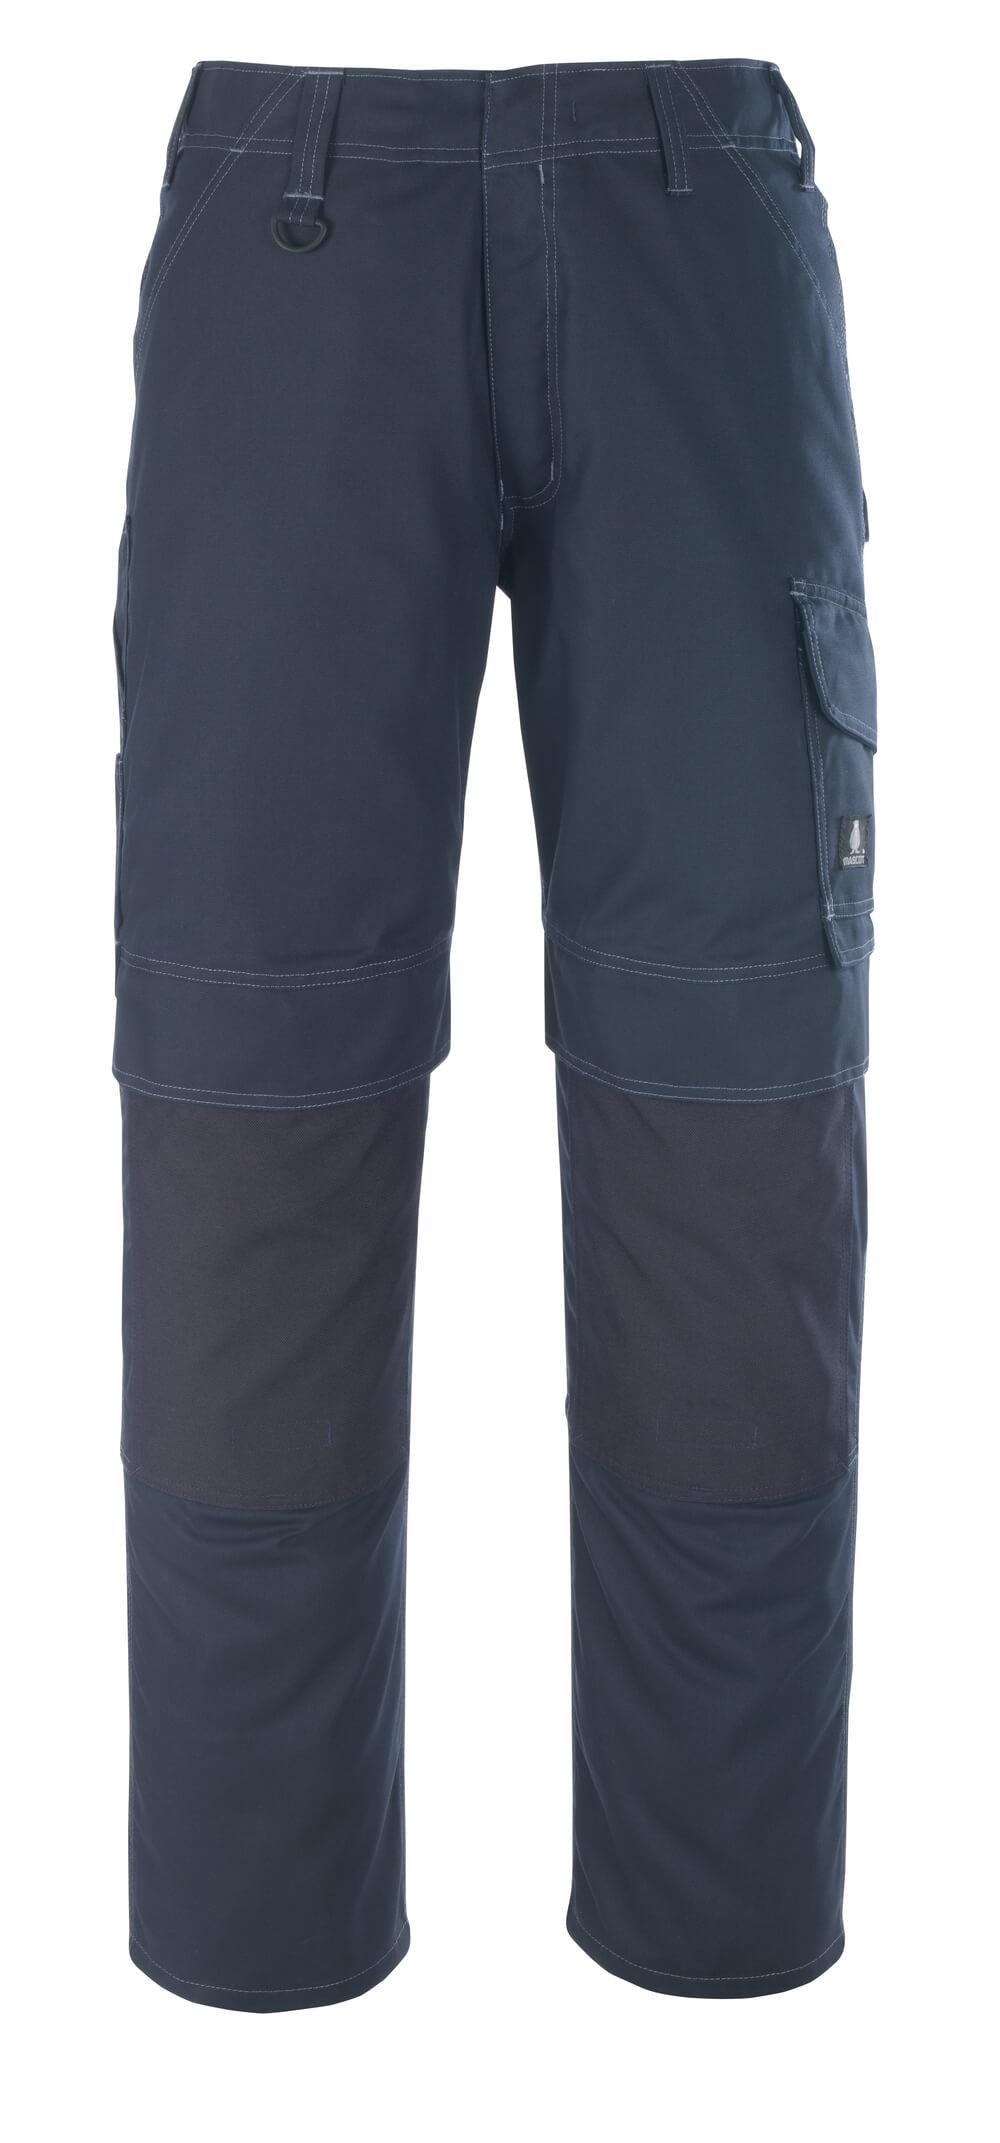 10179-154-010 Arbeitshose - Schwarzblau